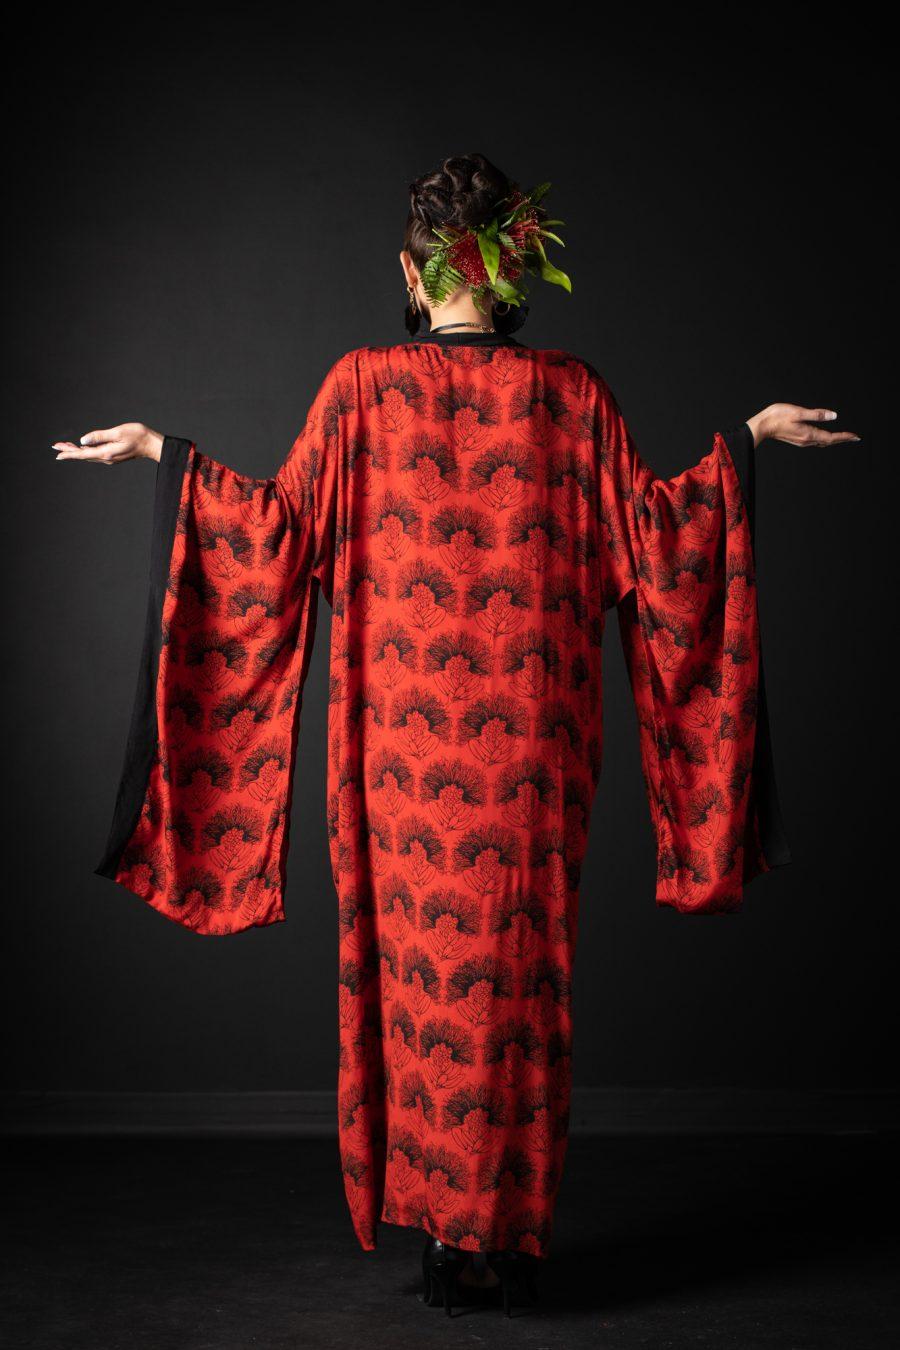 Model wearing Kaliko Kaftan in Firey Red Black Kalihilehua Pattern - Back View